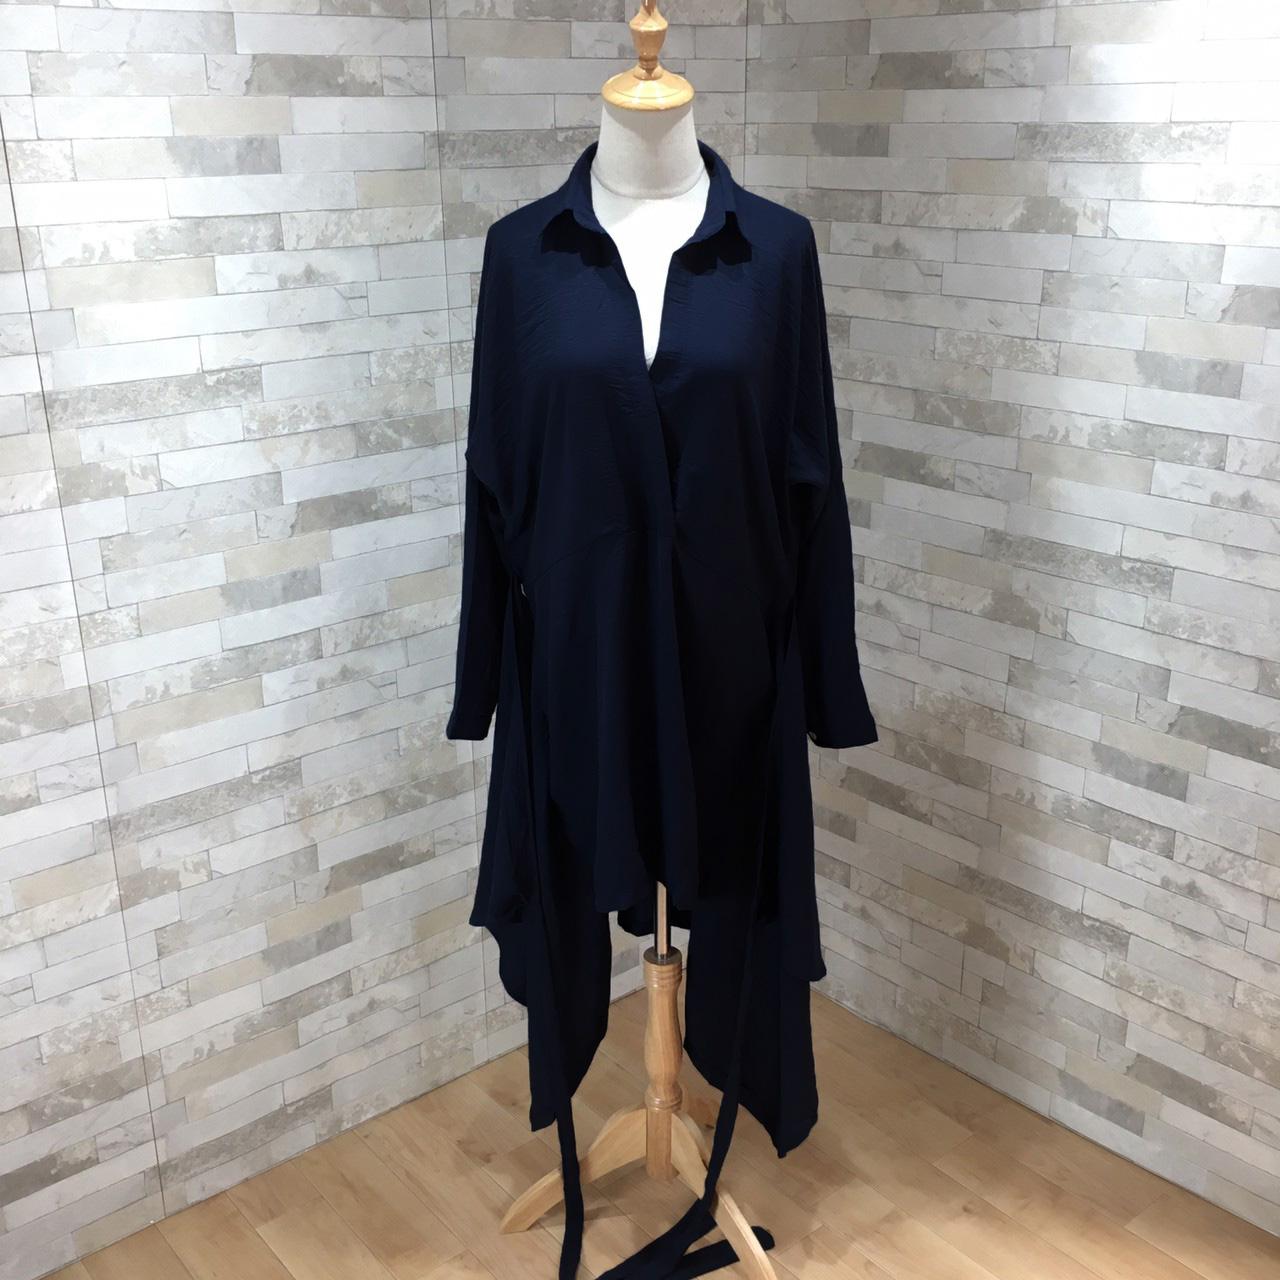 韓国 ファッション ワンピース 春 秋 冬 カジュアル PTXH836  カシュクール 襟付き ウエストマーク オフィス オルチャン シンプル 定番 セレカジの写真8枚目